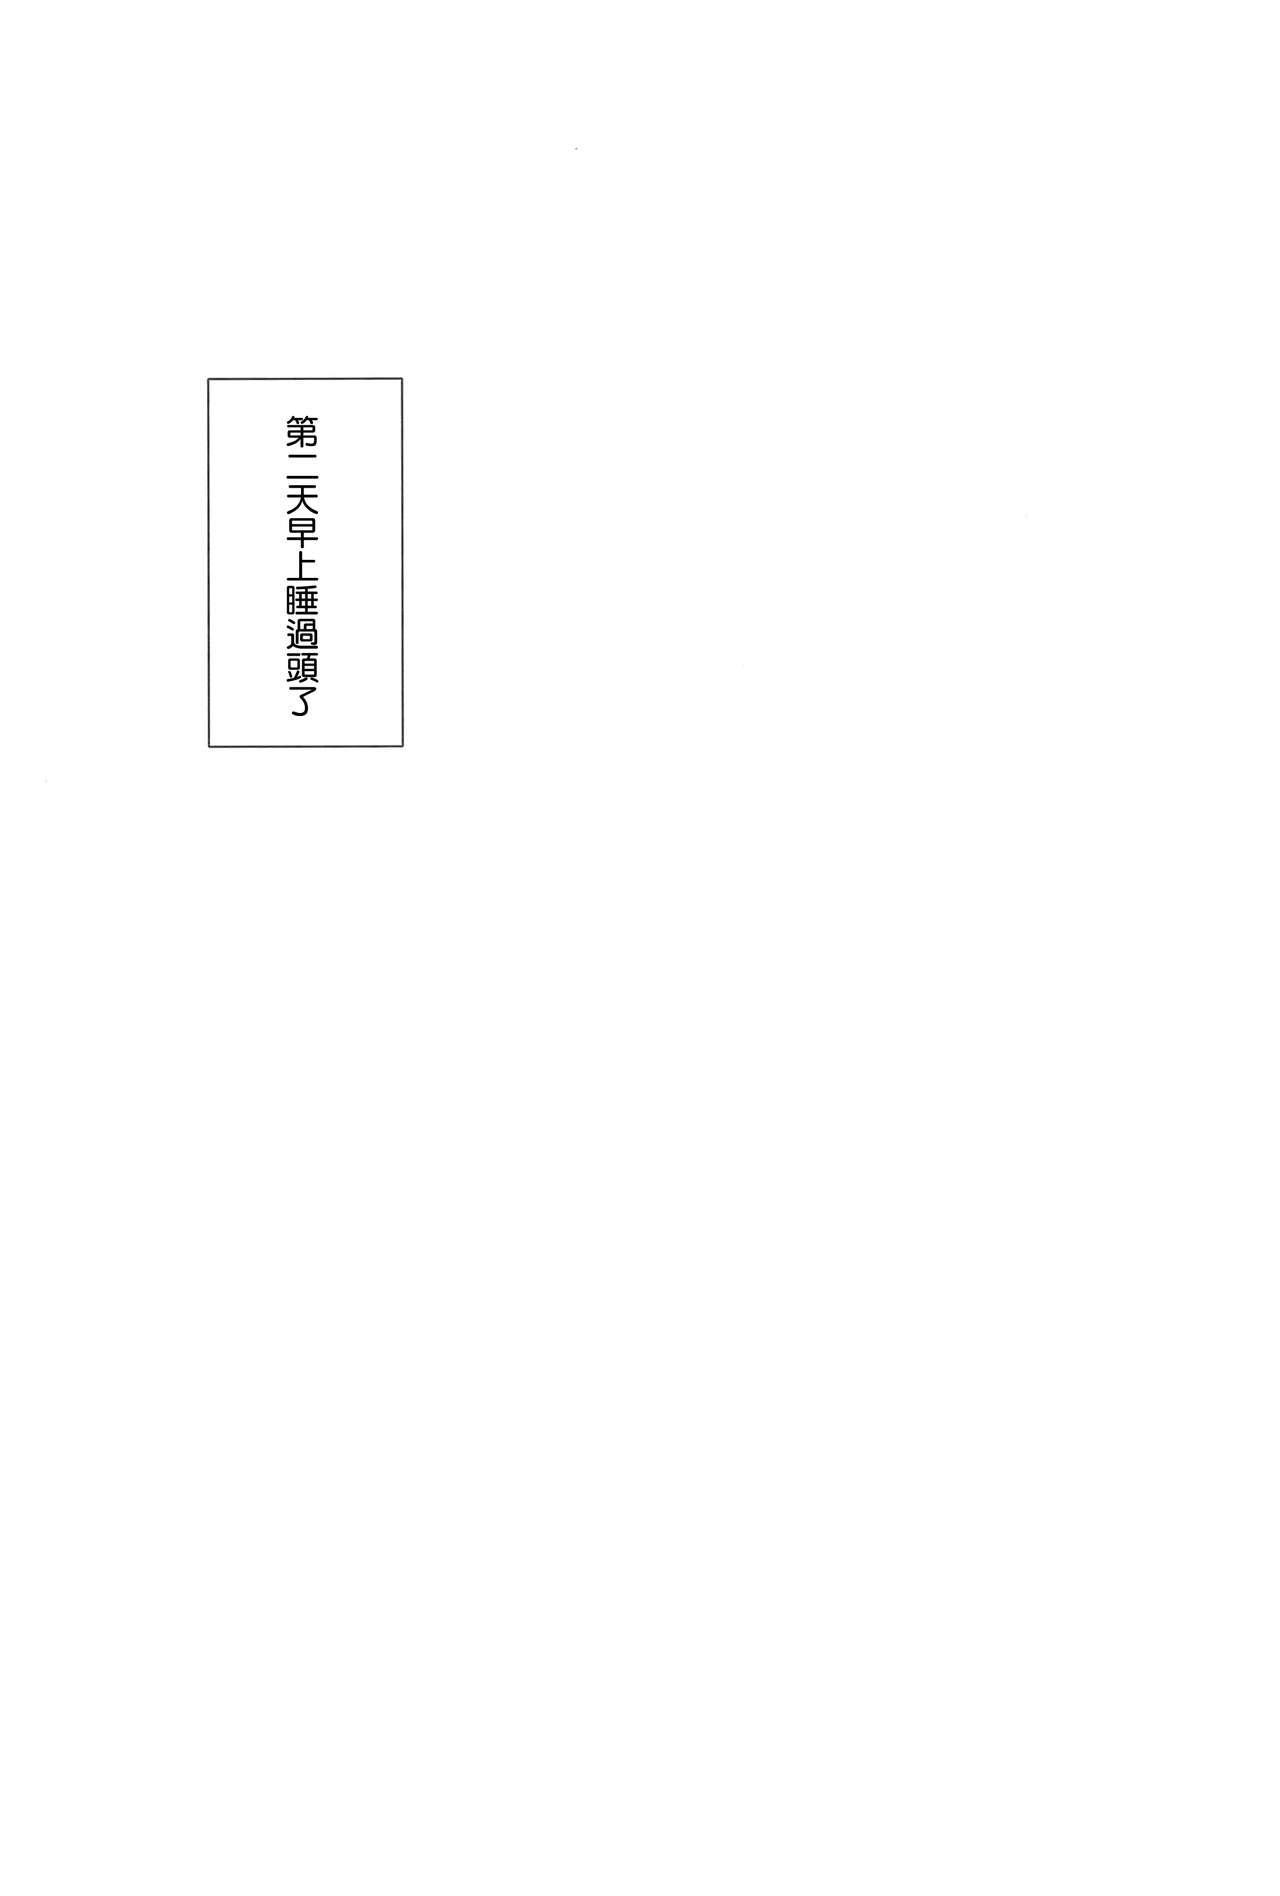 Onii-chan ga Uwakishisou kara Sex Shite Mita 20